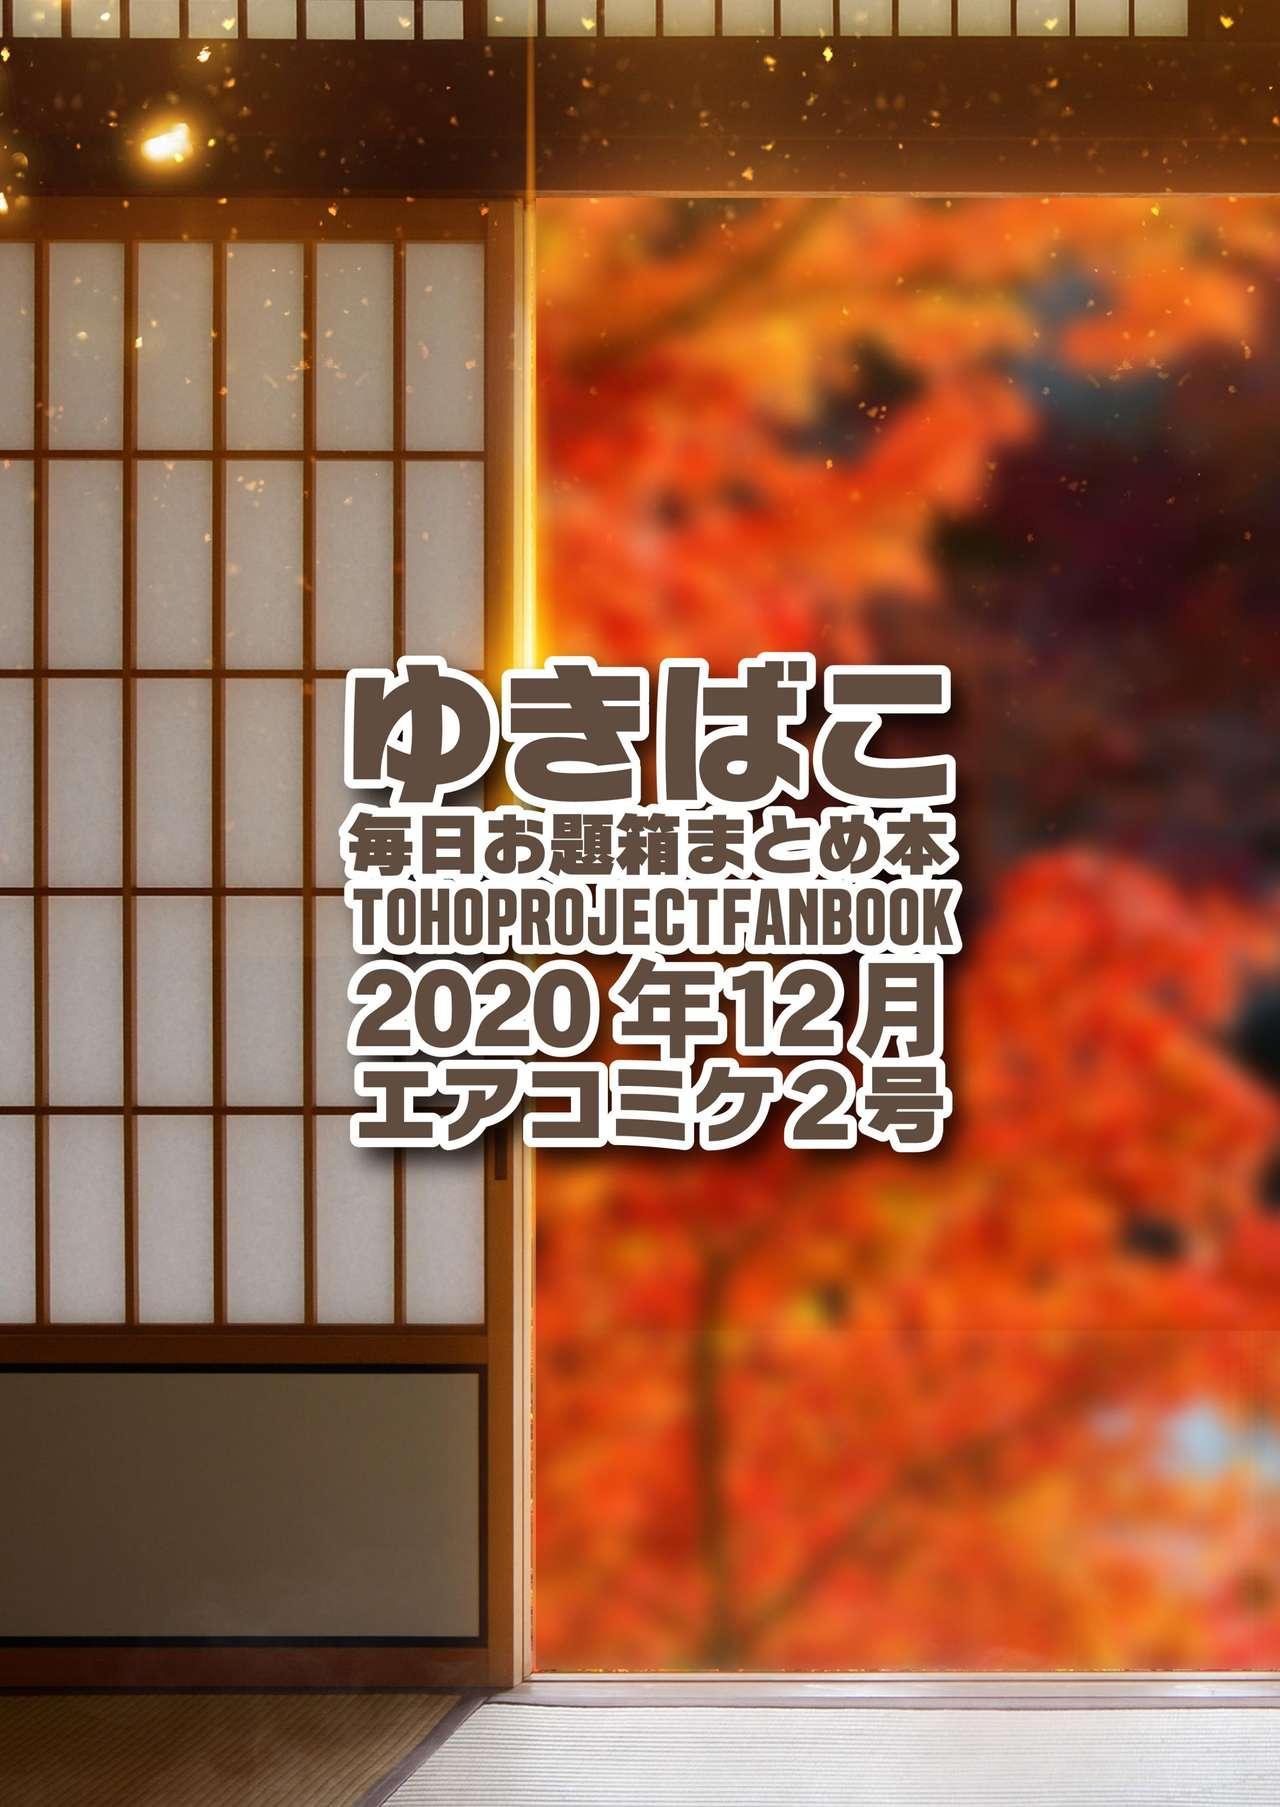 Nazrin to Seishugyou Yukibako 2020-12 Air Comike 2 26